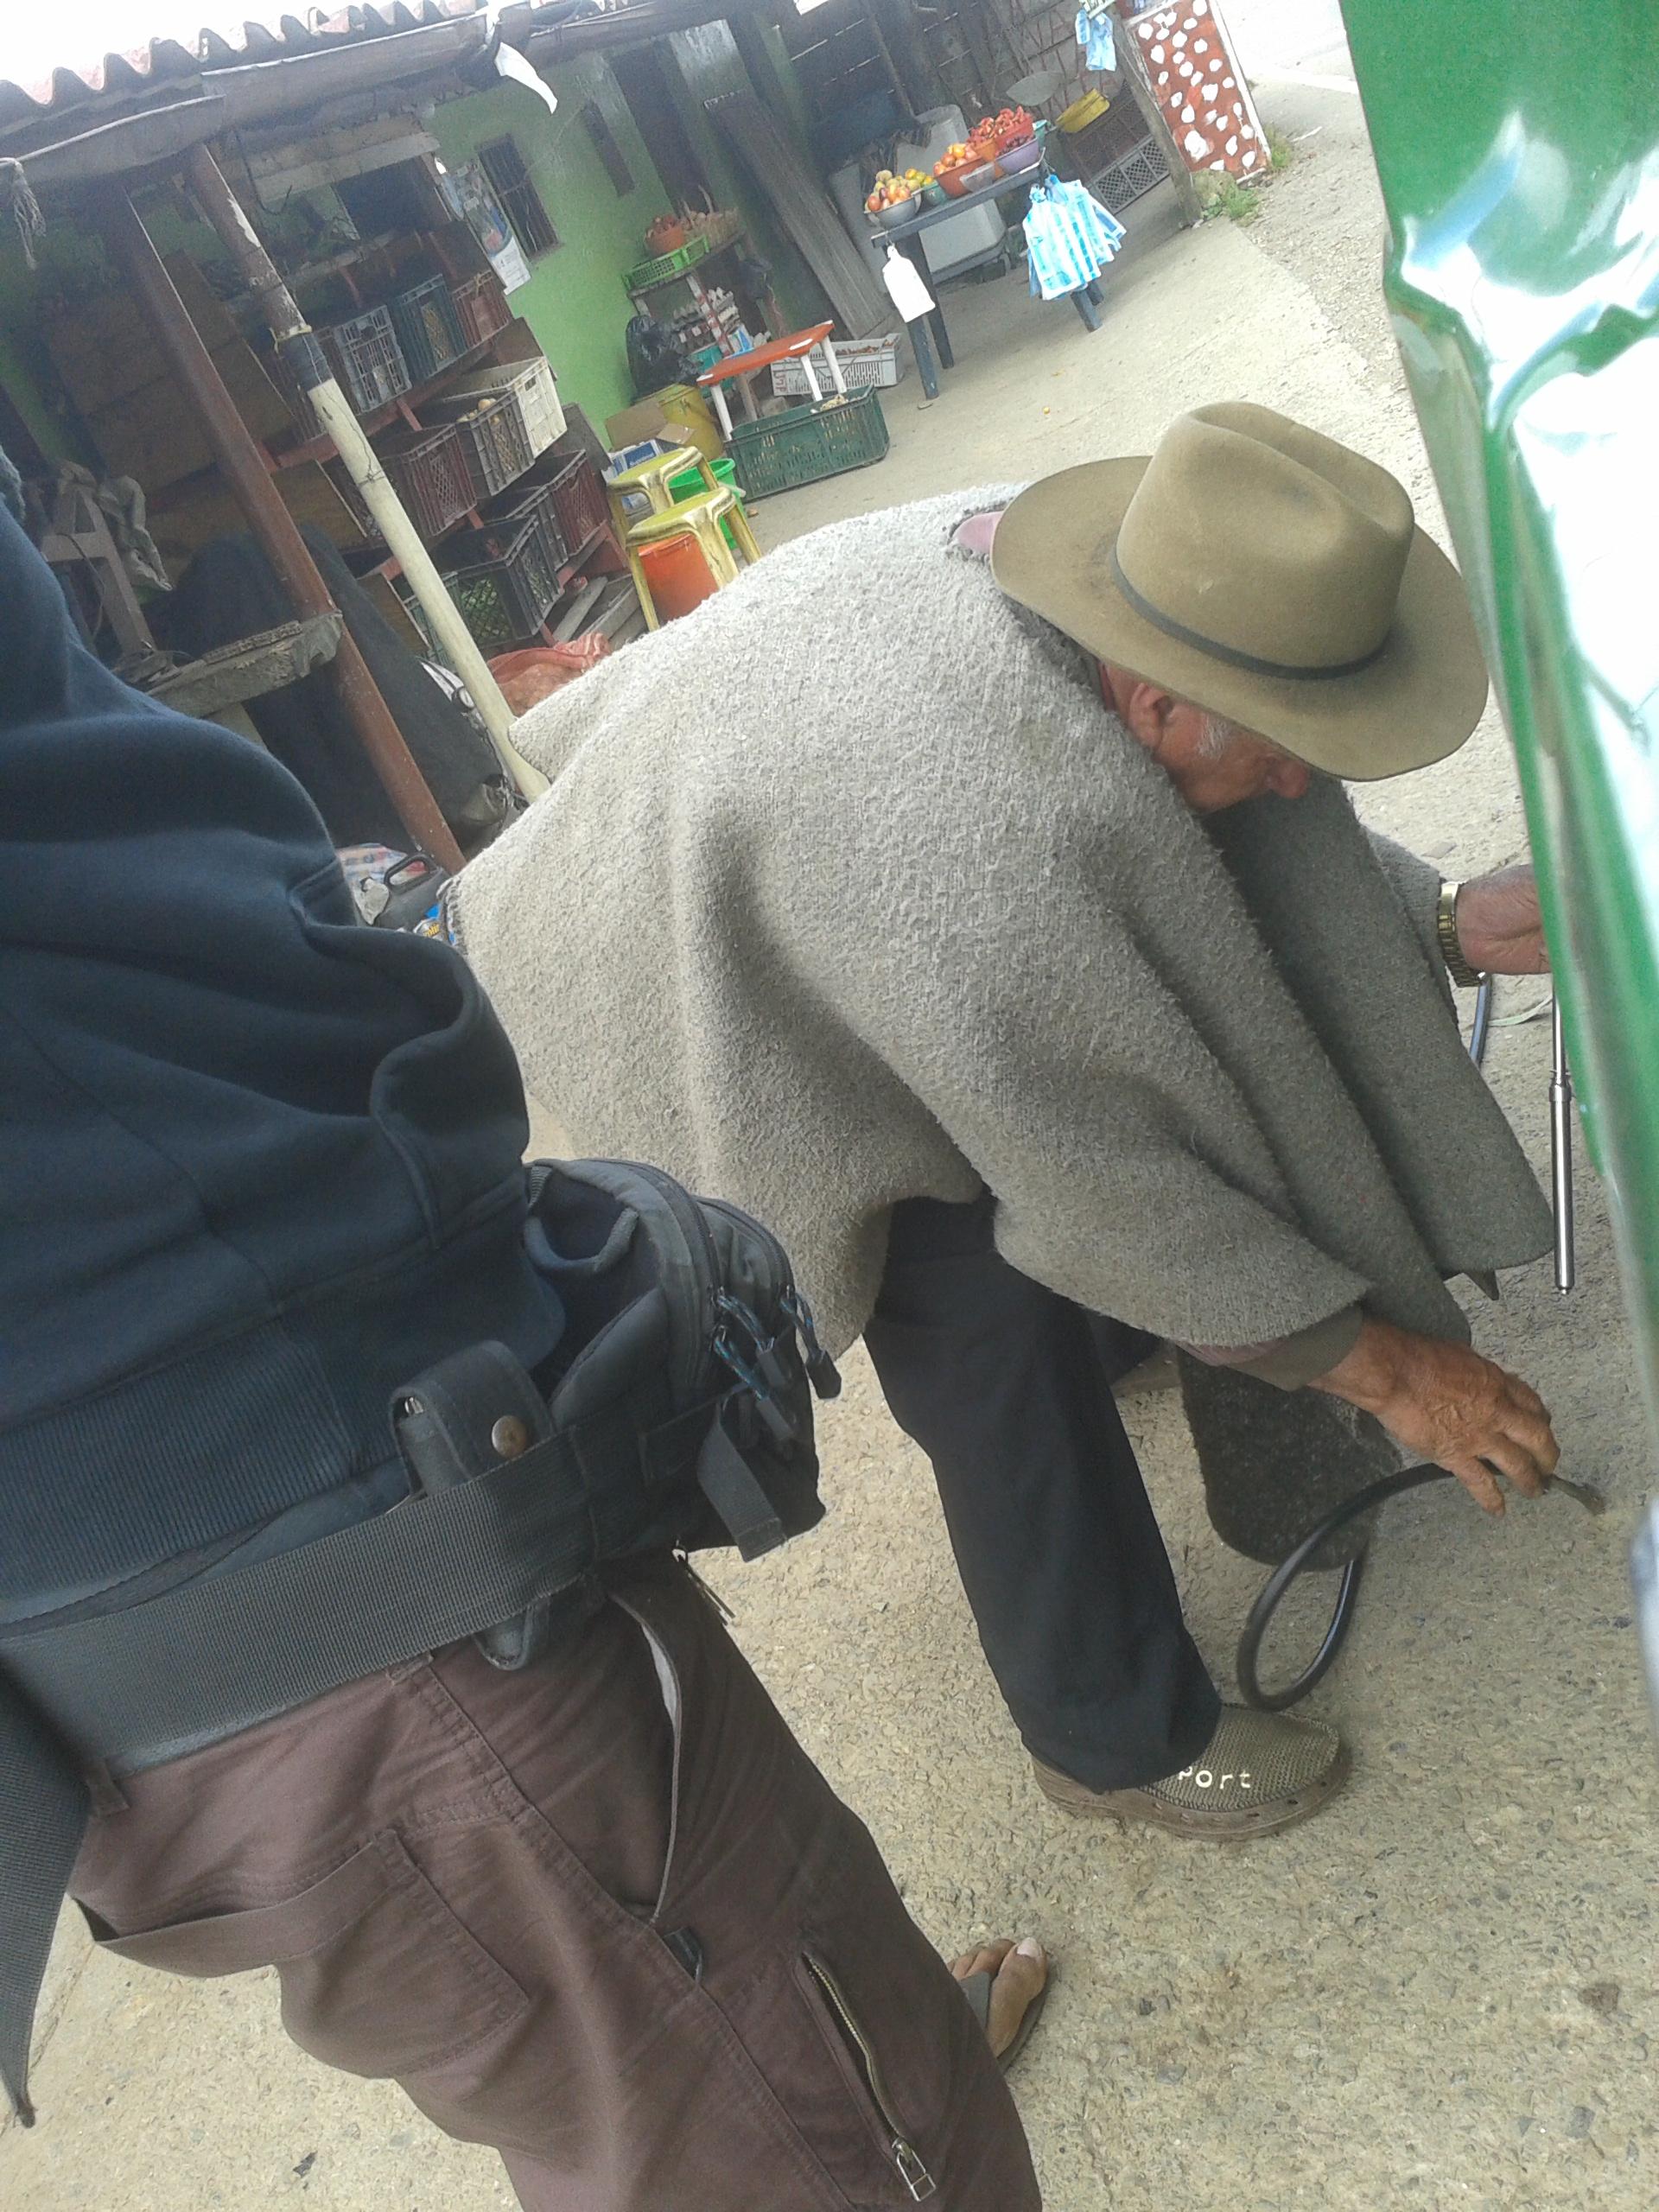 Perra colombiana del pueblo de los haticos guajira culeando - 5 4